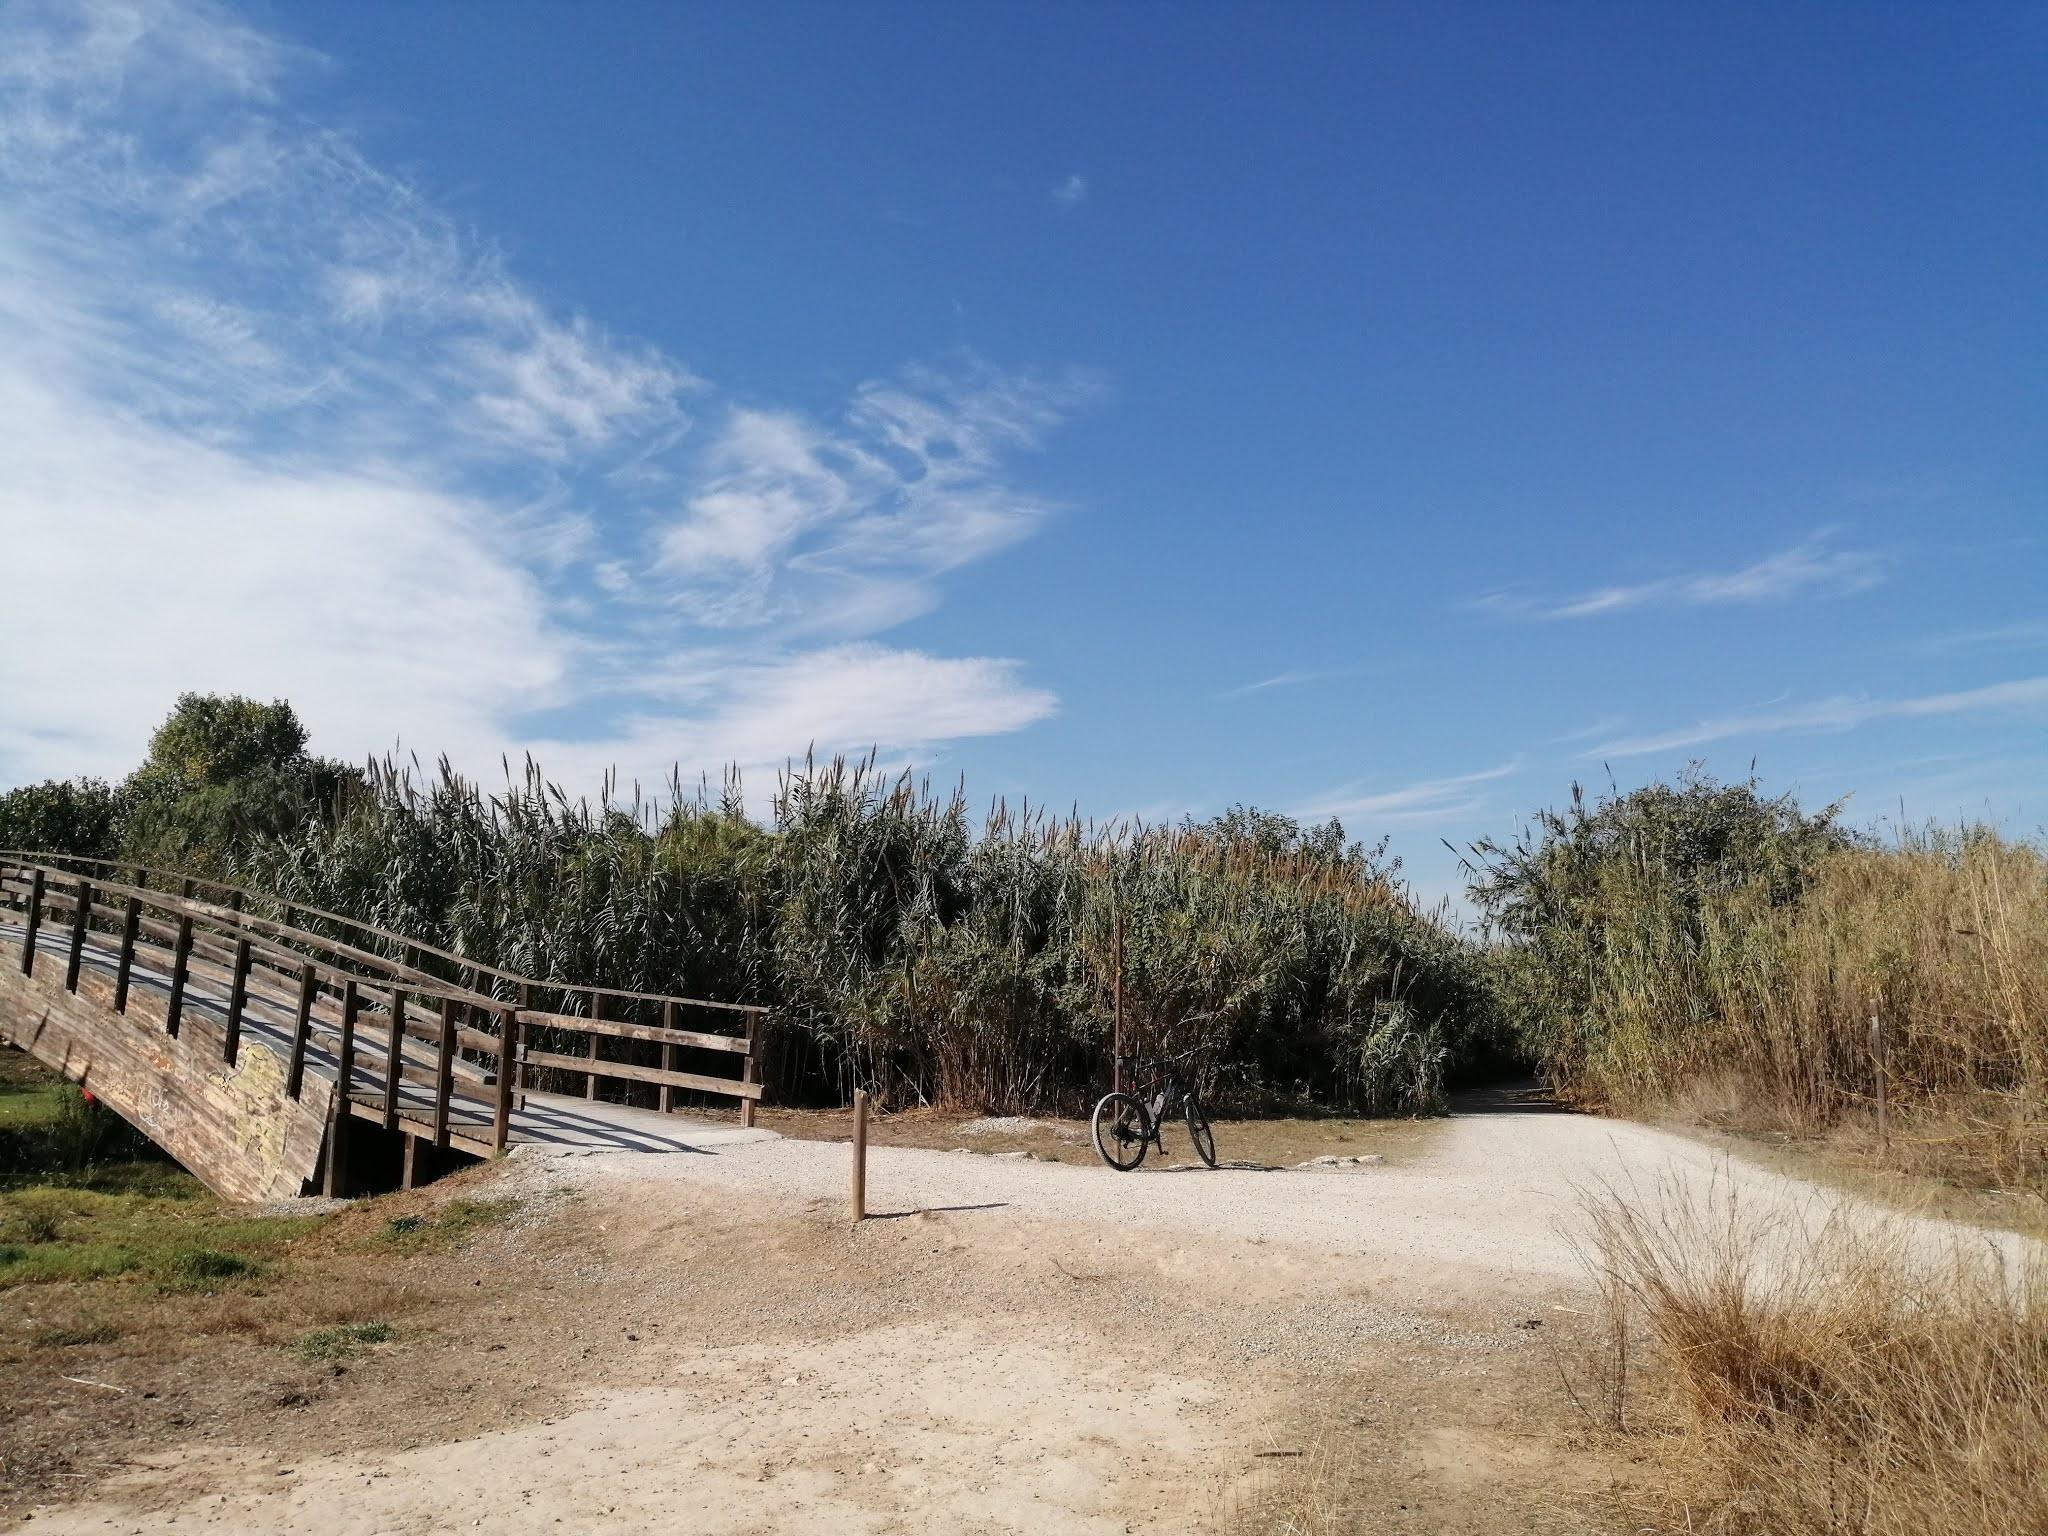 Wooden bridge over the River Turia, Valencia